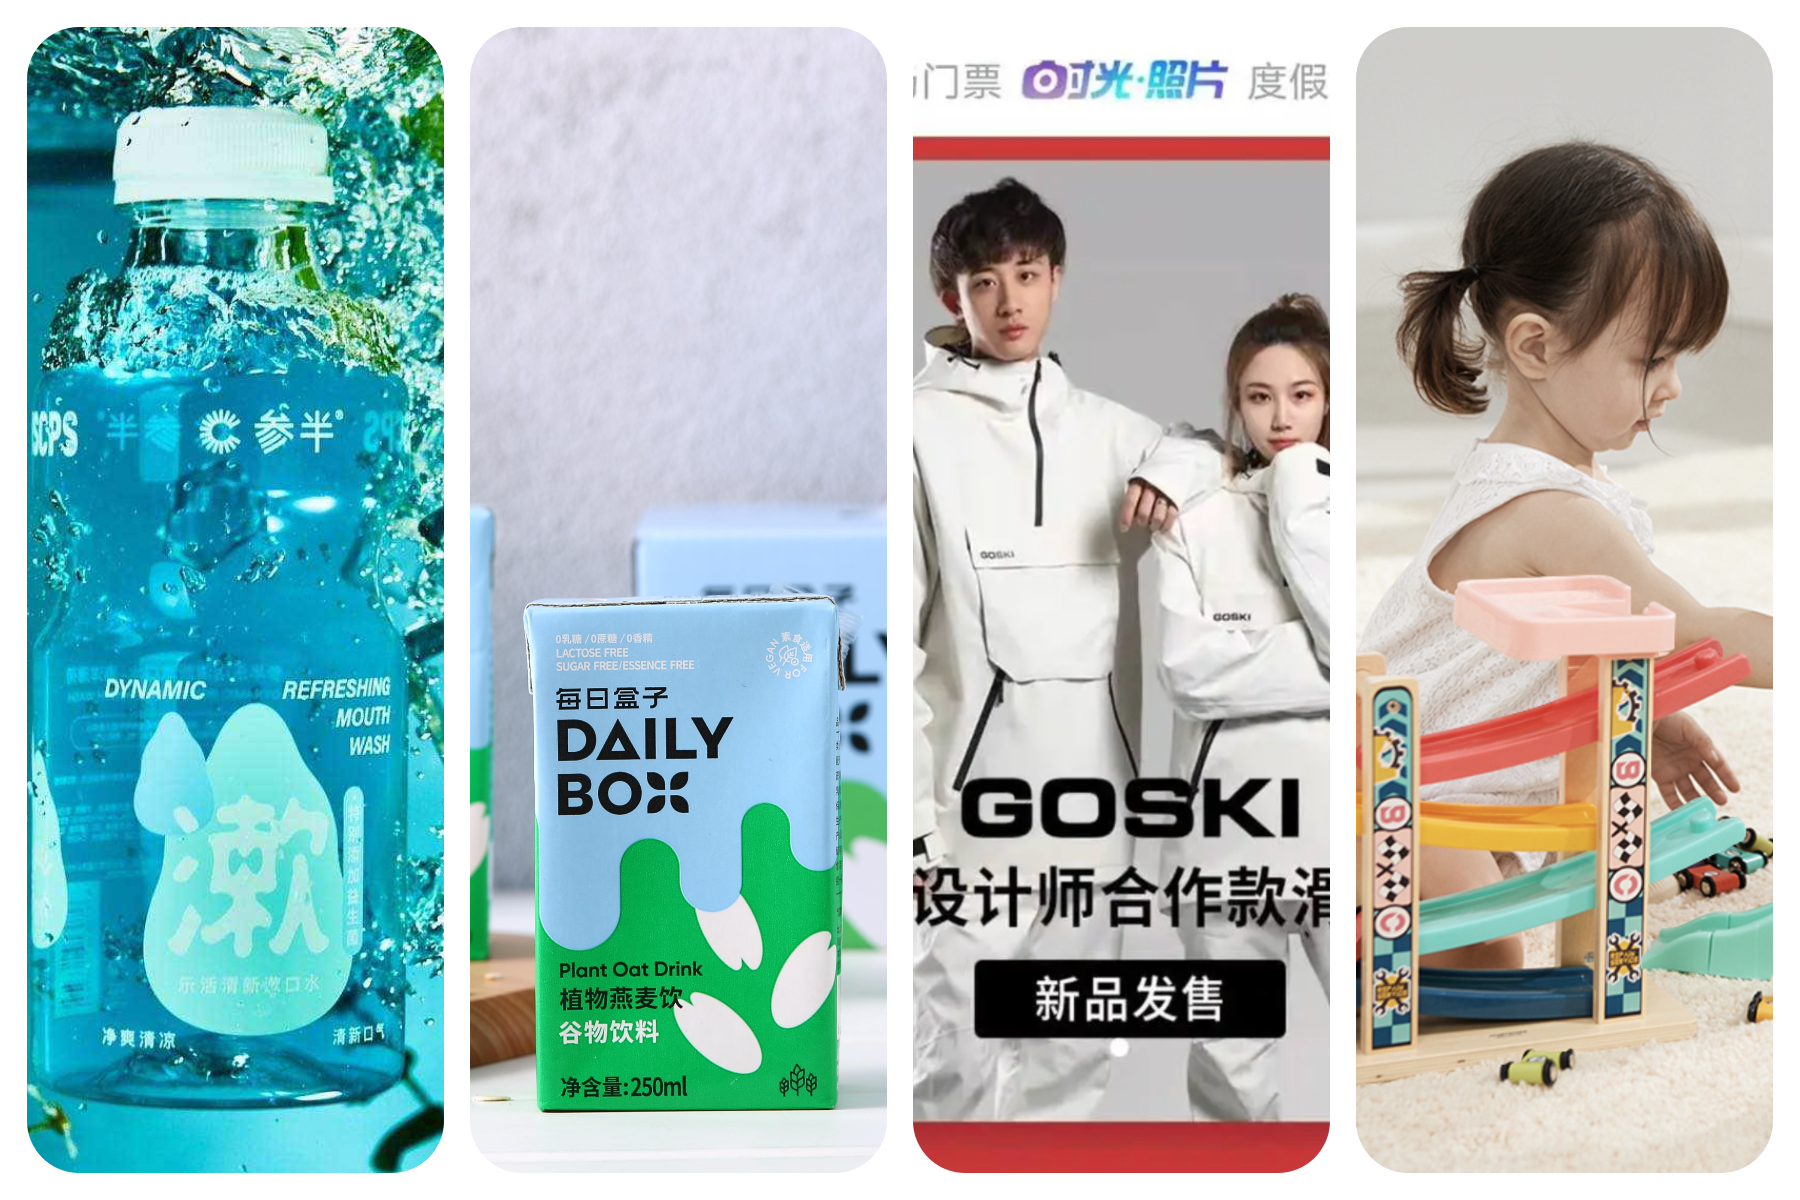 【华丽中国投资周报】2021年第5期:4家中国时尚消费企业完成新一轮融资